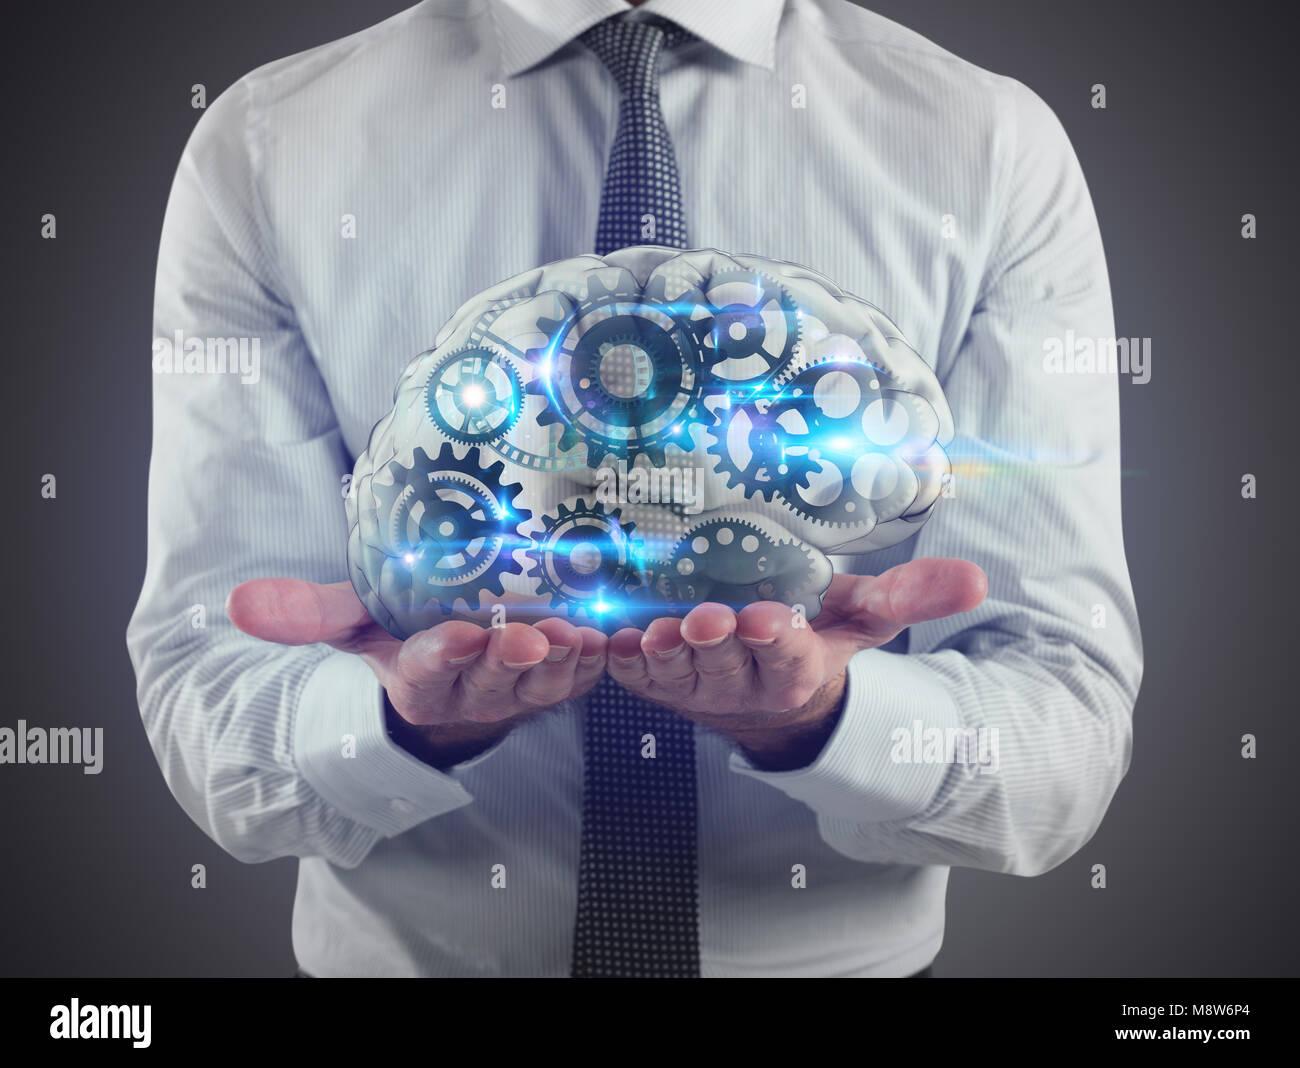 El hombre tiene un cerebro con engranajes dentro de sus manos. 3D Rendering Imagen De Stock